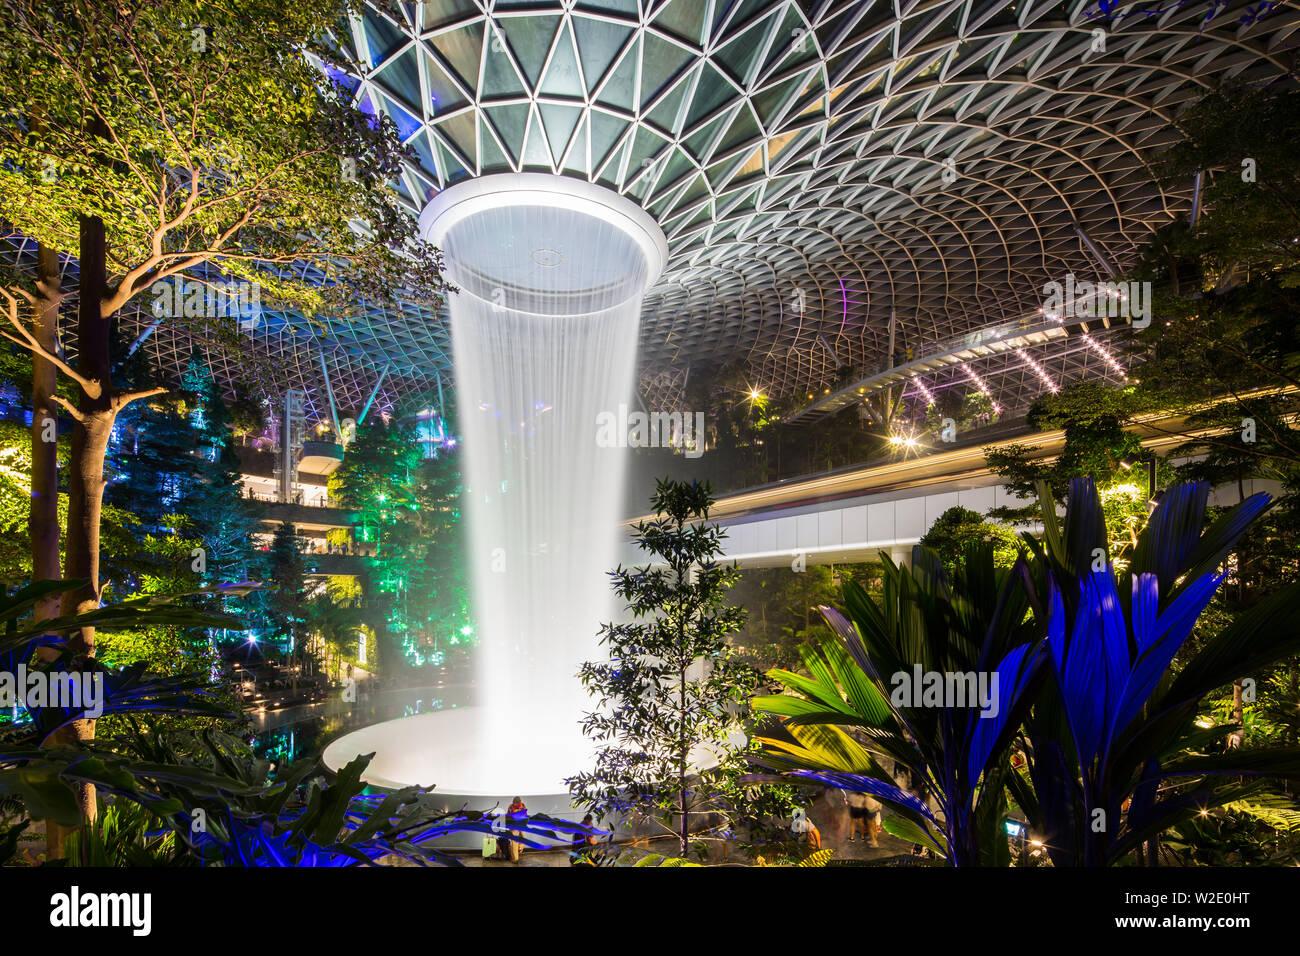 night-view-lighting-display-in-jewel-cha